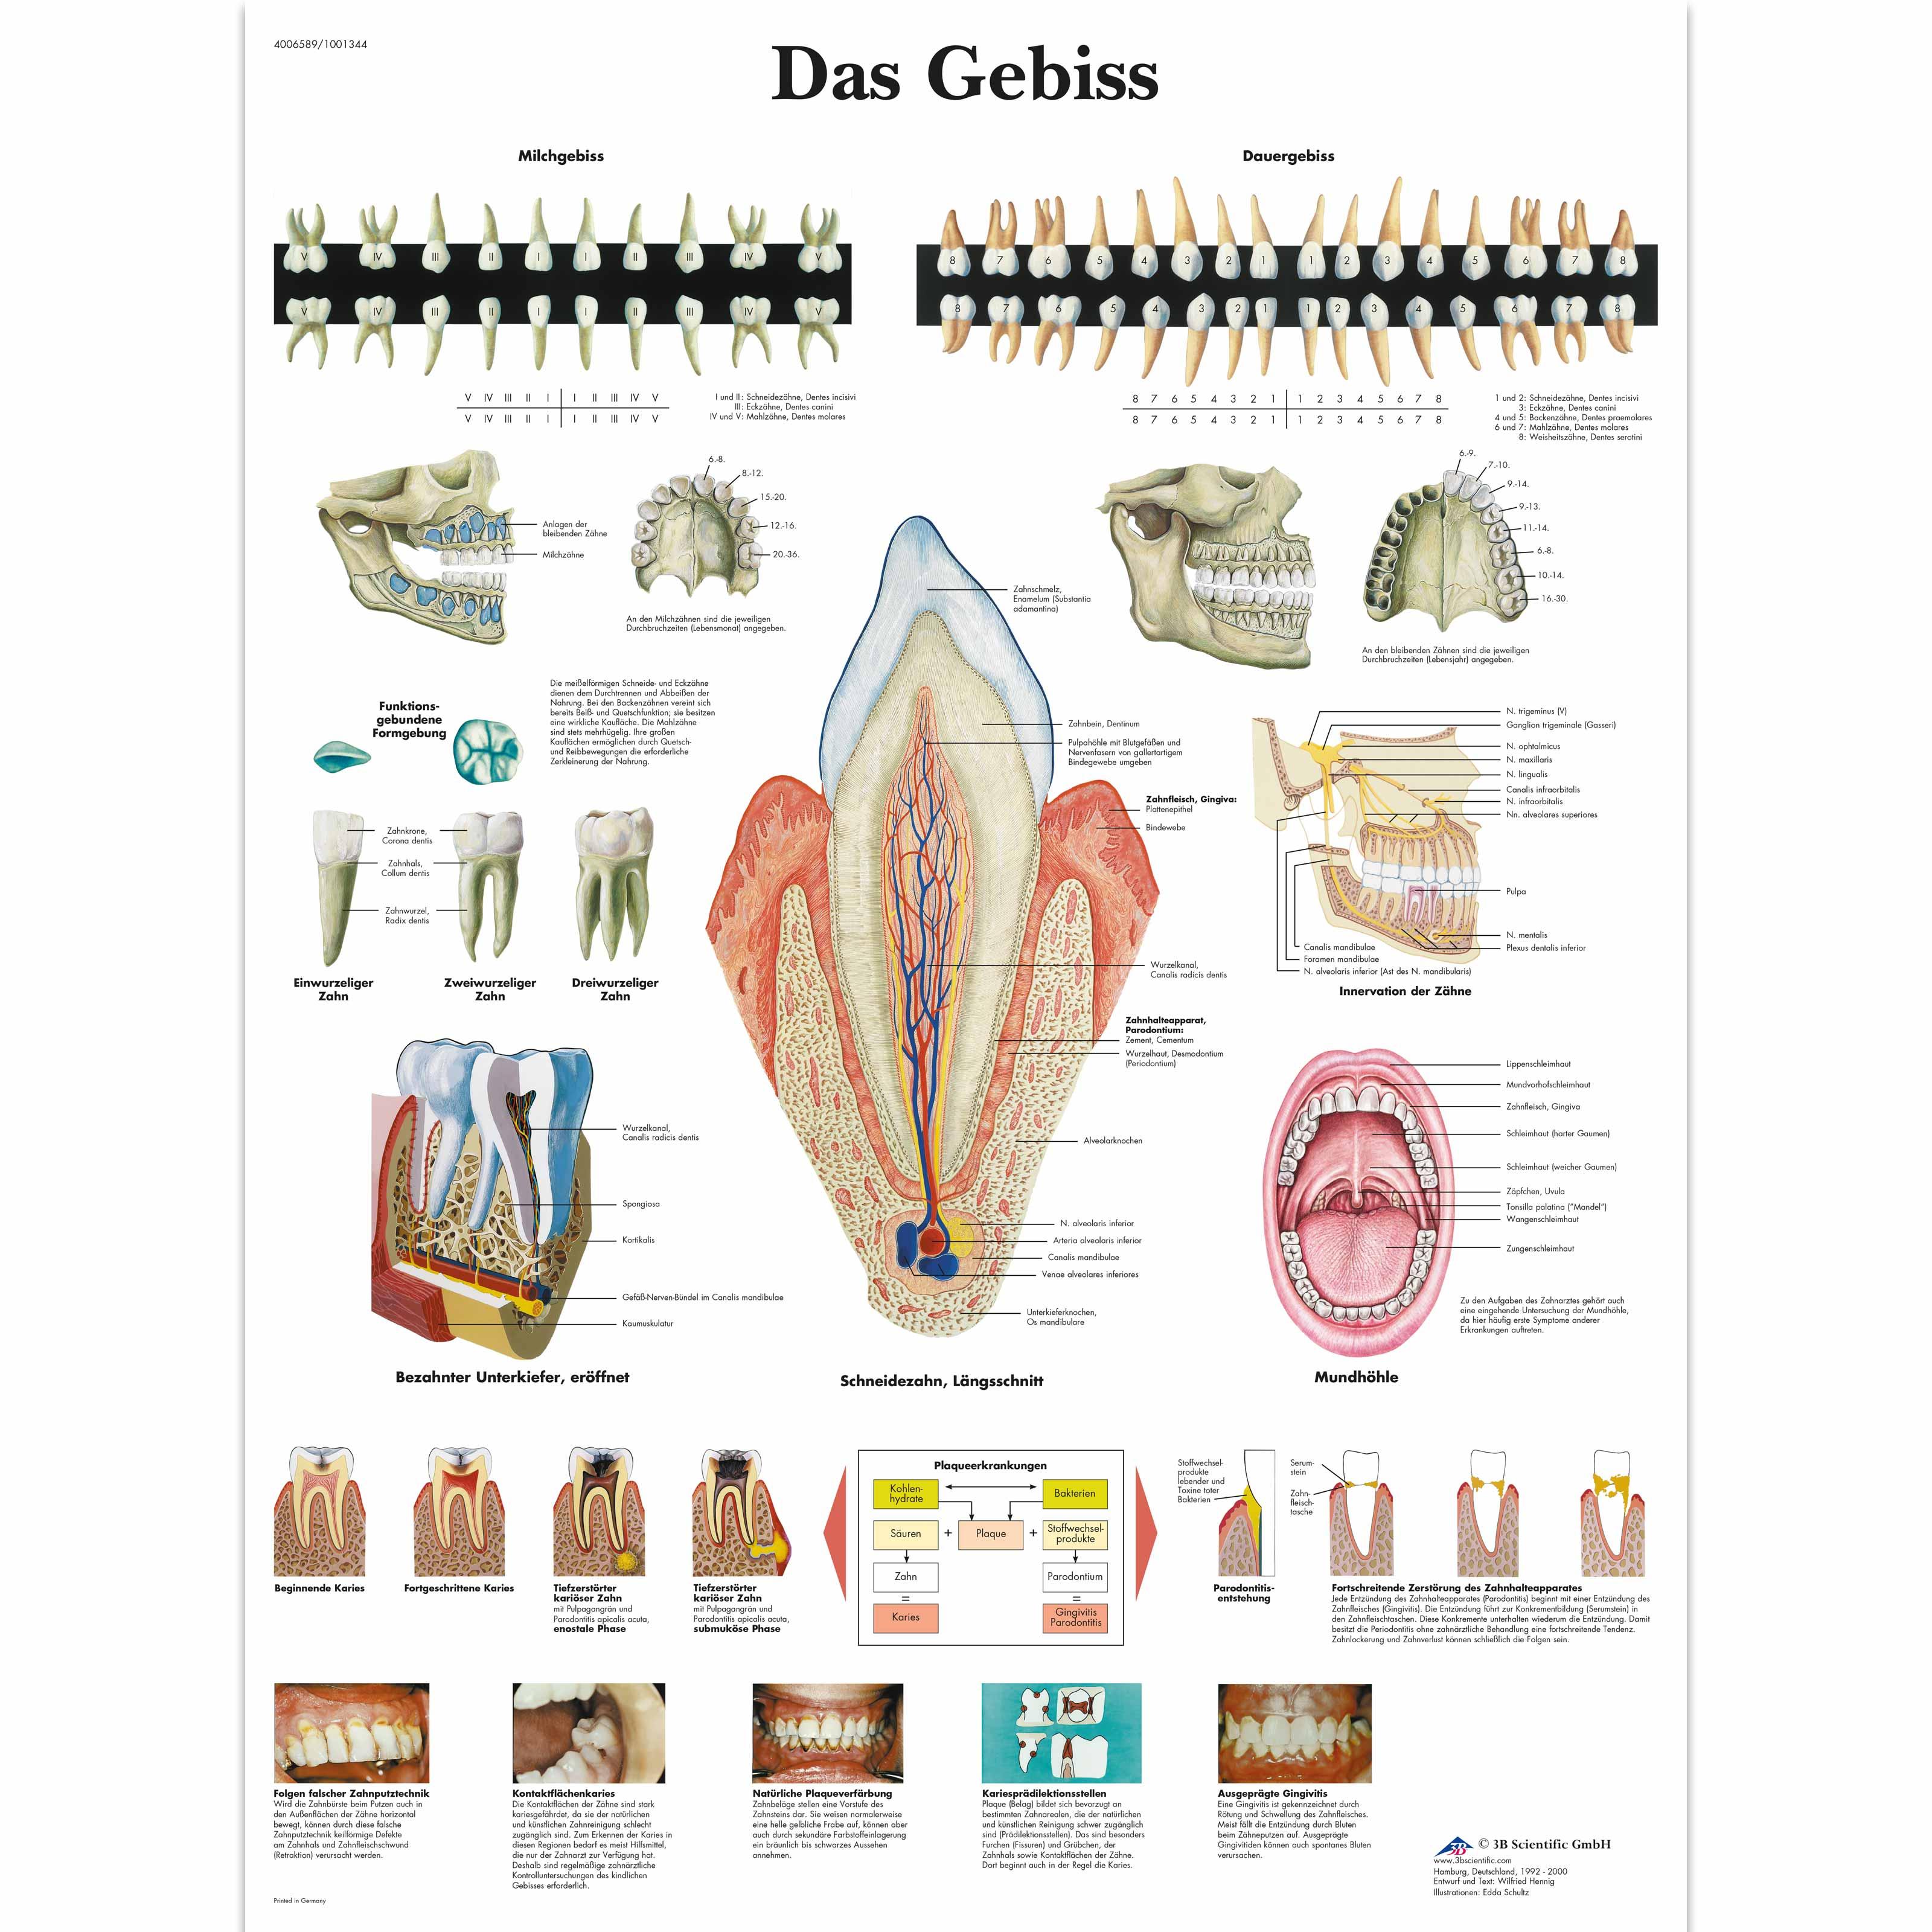 Lehrtafel - Das Gebiss - 4006589 - VR0263UU - Zähne - 3B Scientific